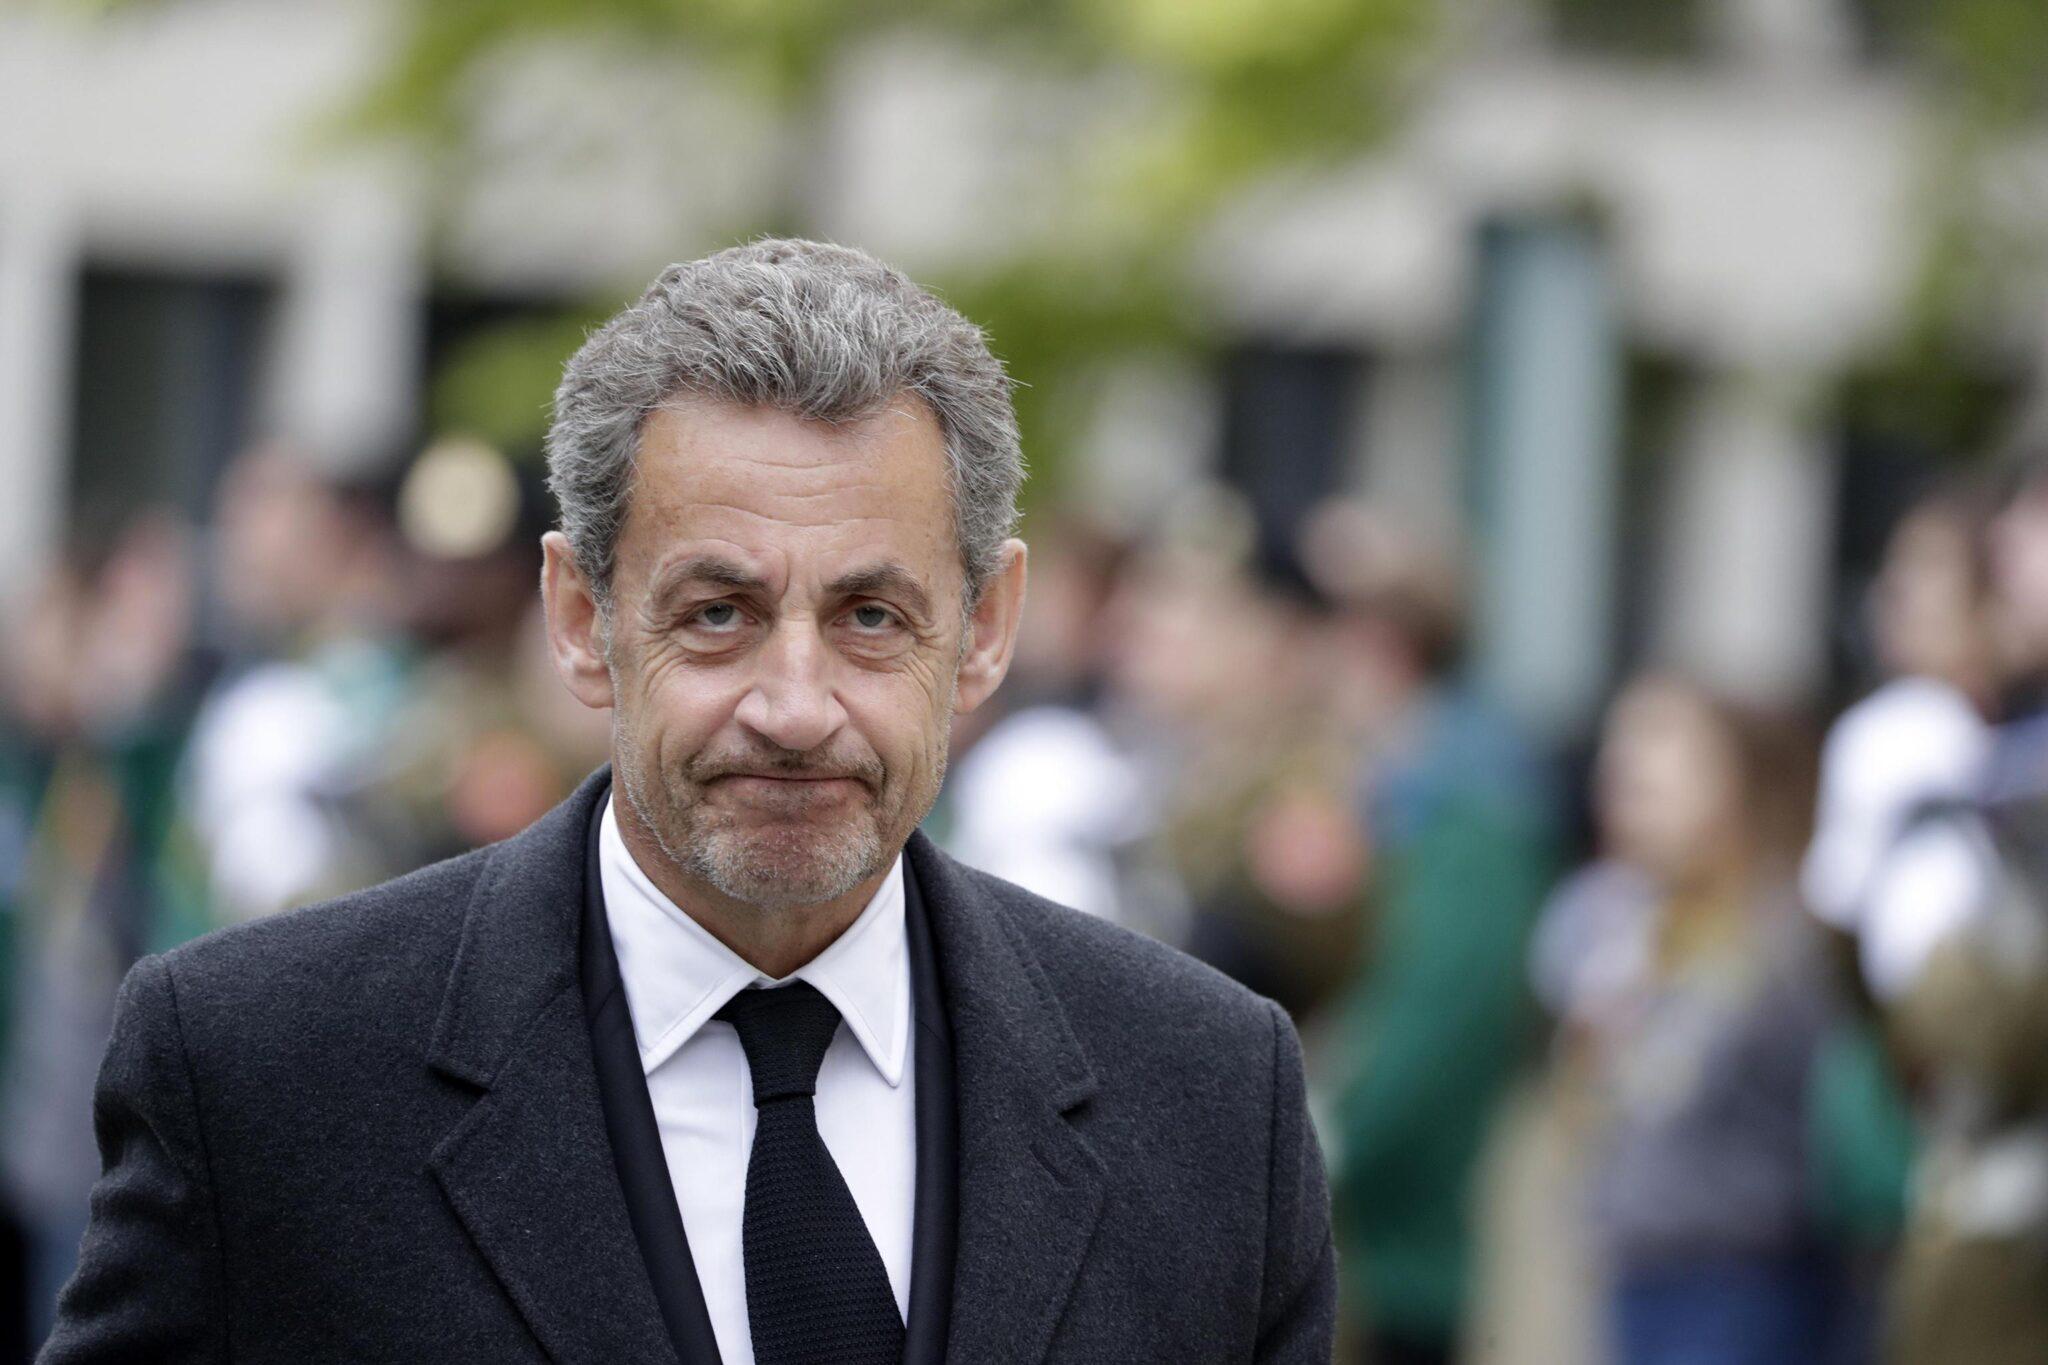 """Sarkozy accusato di razzismo: avrebbe accostato i neri alle scimmie.<br> La guerra alle parole infiamma l'Occidente, eppure fino a qualche anno fa """"negro"""" non era una parolaccia"""